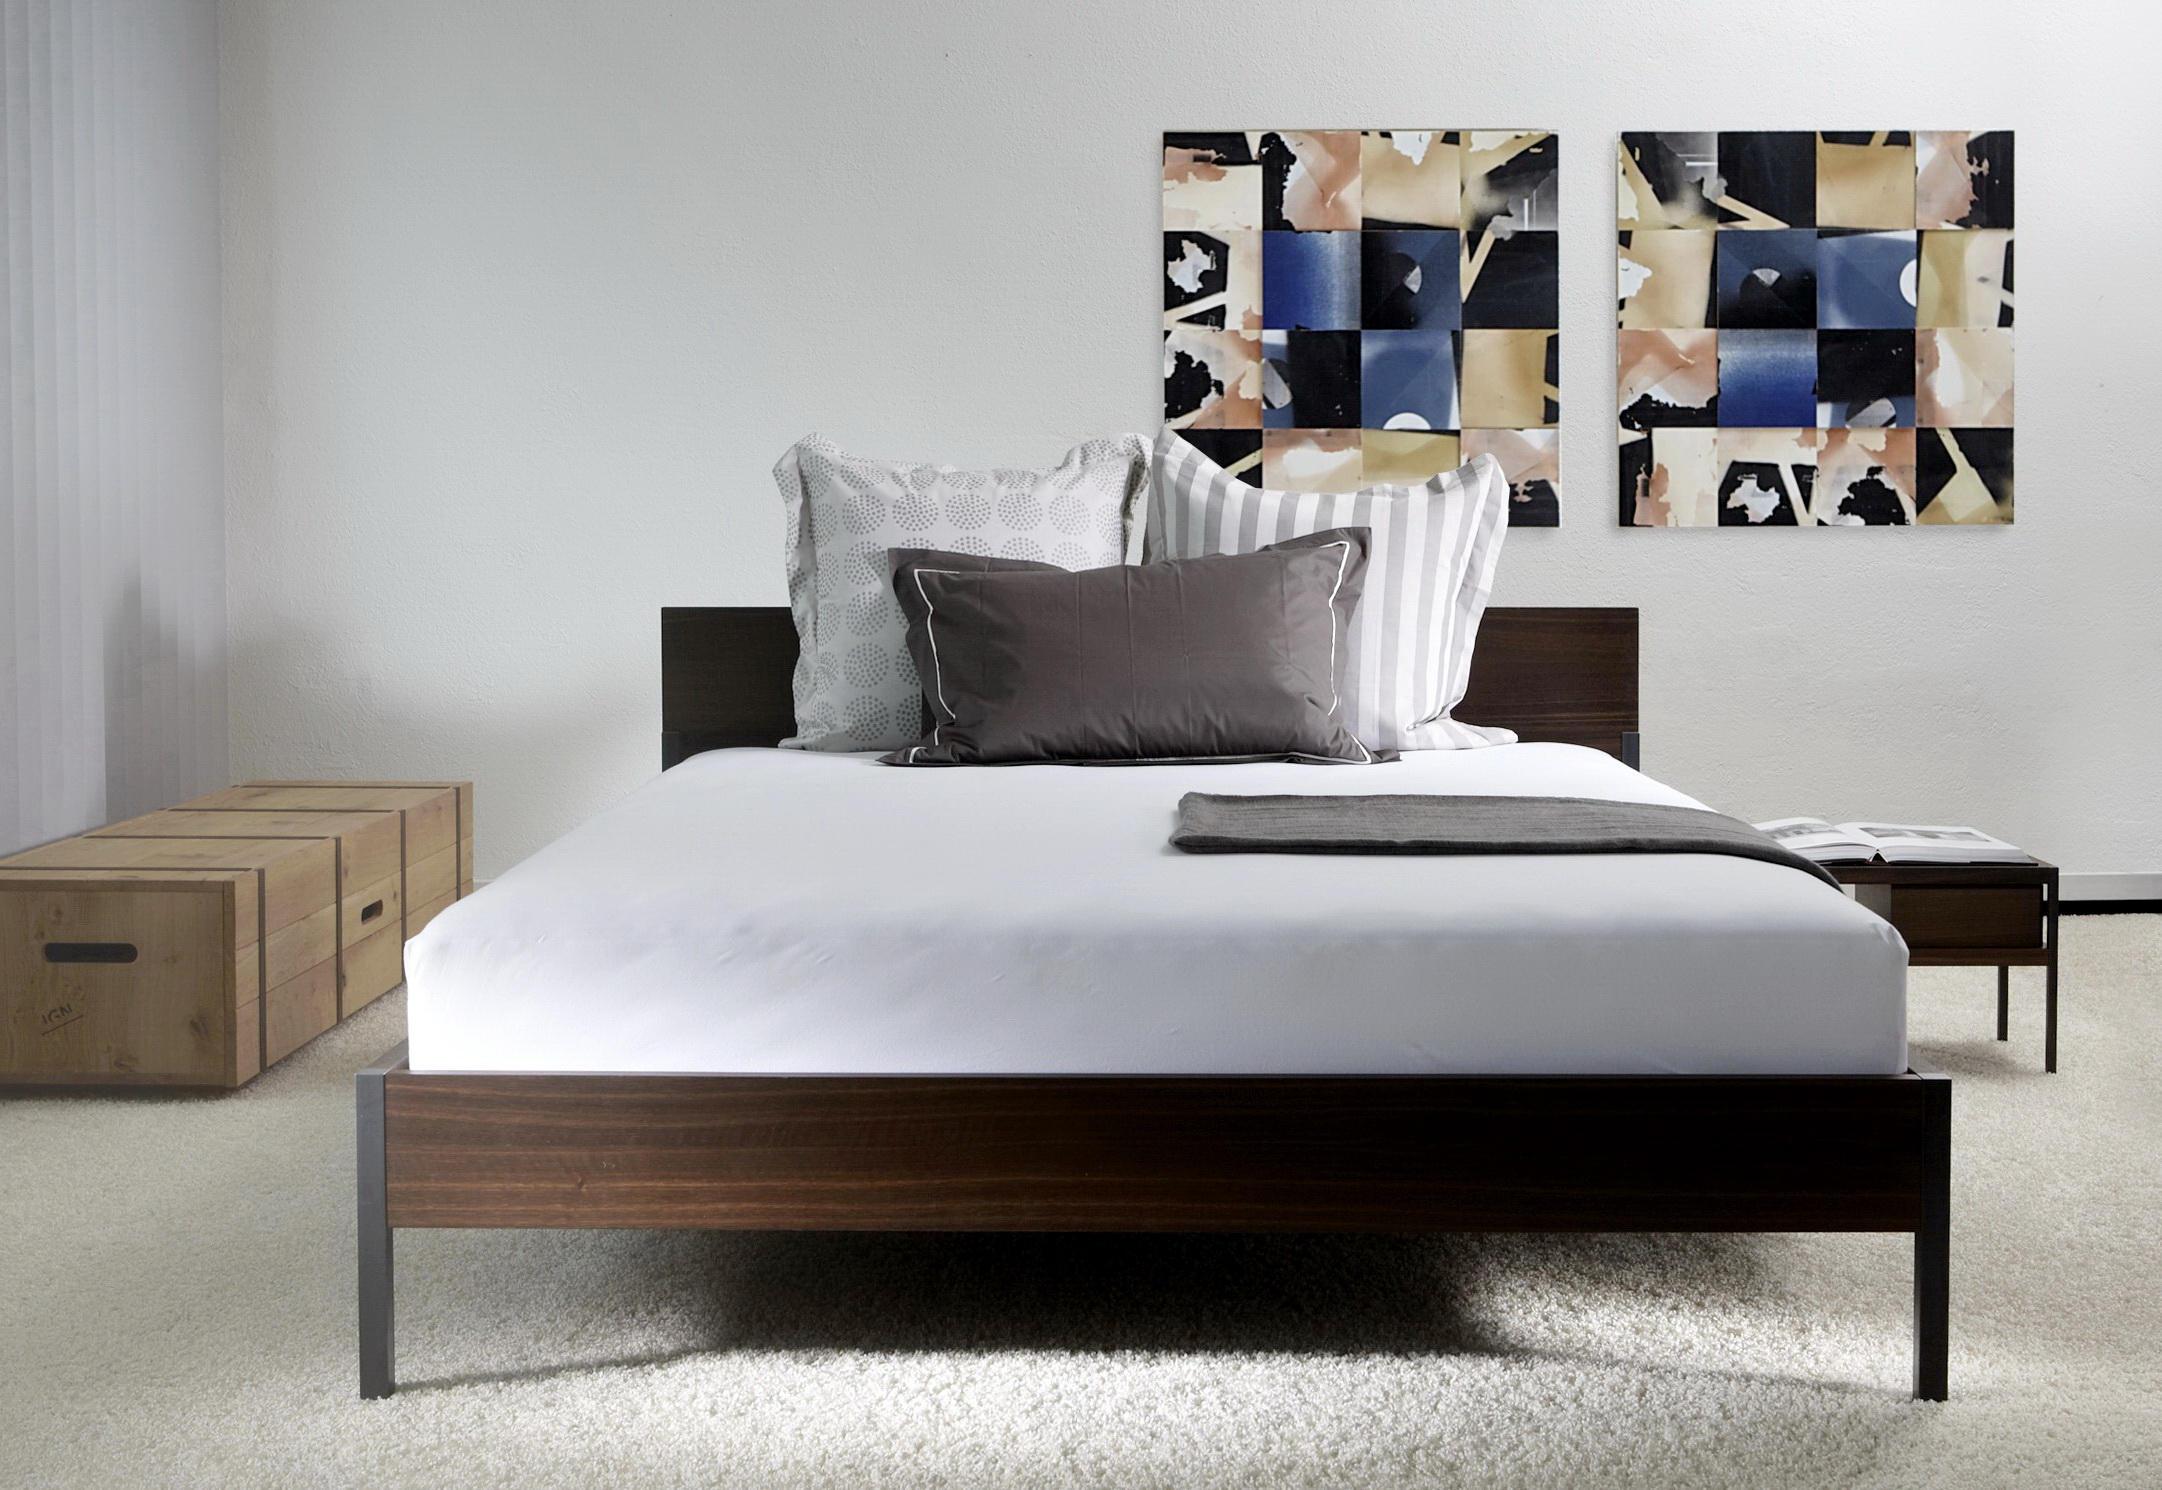 ign stick night nachttische von ign design architonic. Black Bedroom Furniture Sets. Home Design Ideas